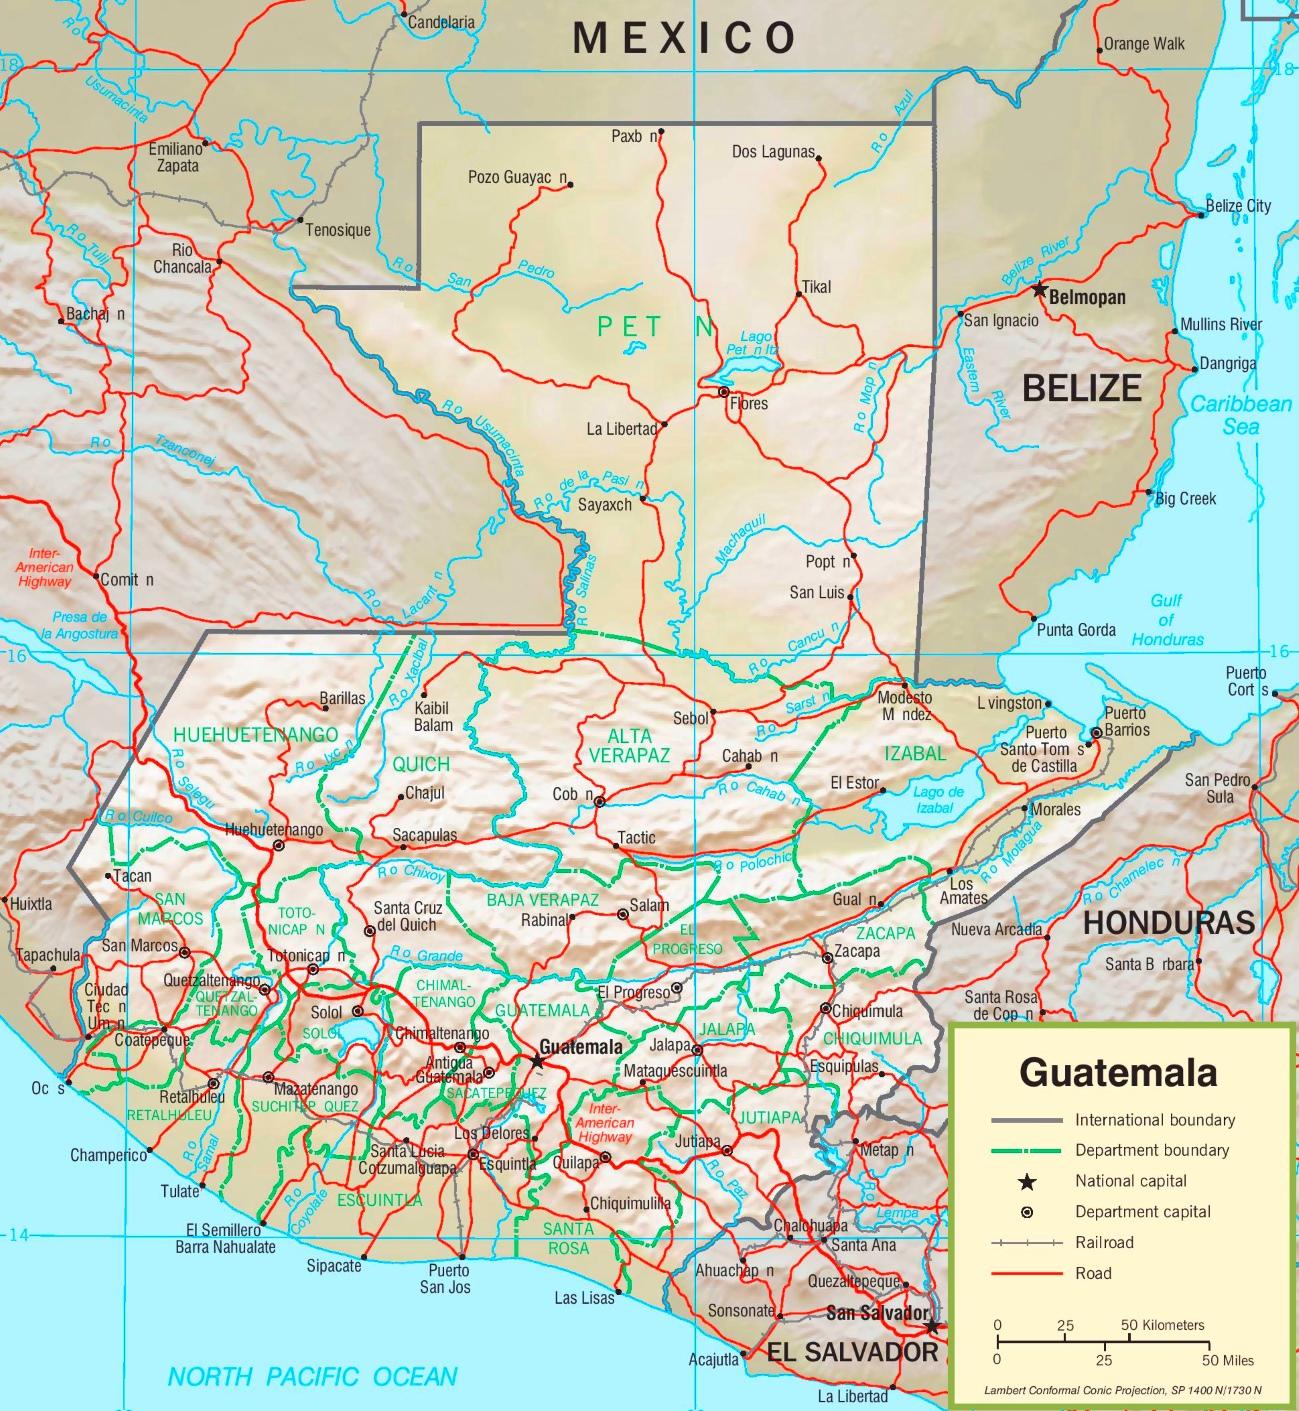 Guatemala Karte.Guatemala Politische Karte